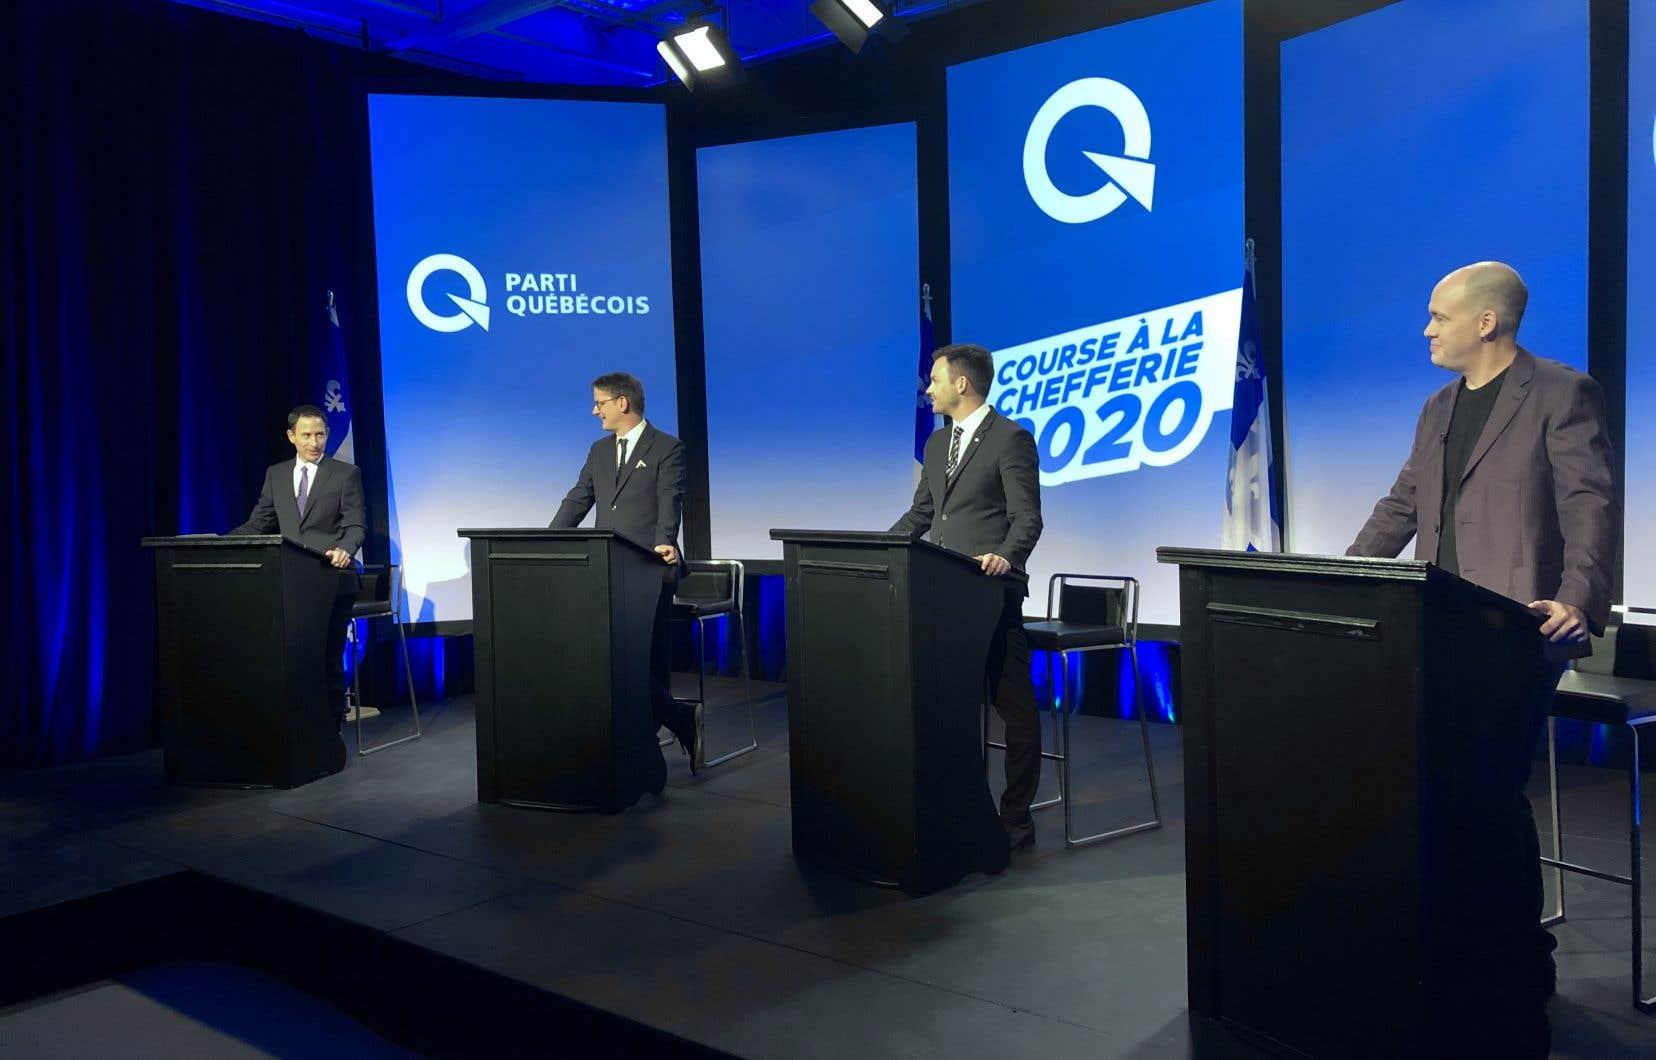 Le deuxième débat de la course s'est éloigné du thème de l'indépendance pour s'attarder à plusieurs sujets, dont certains soulevés par la pandémie de COVID-19.